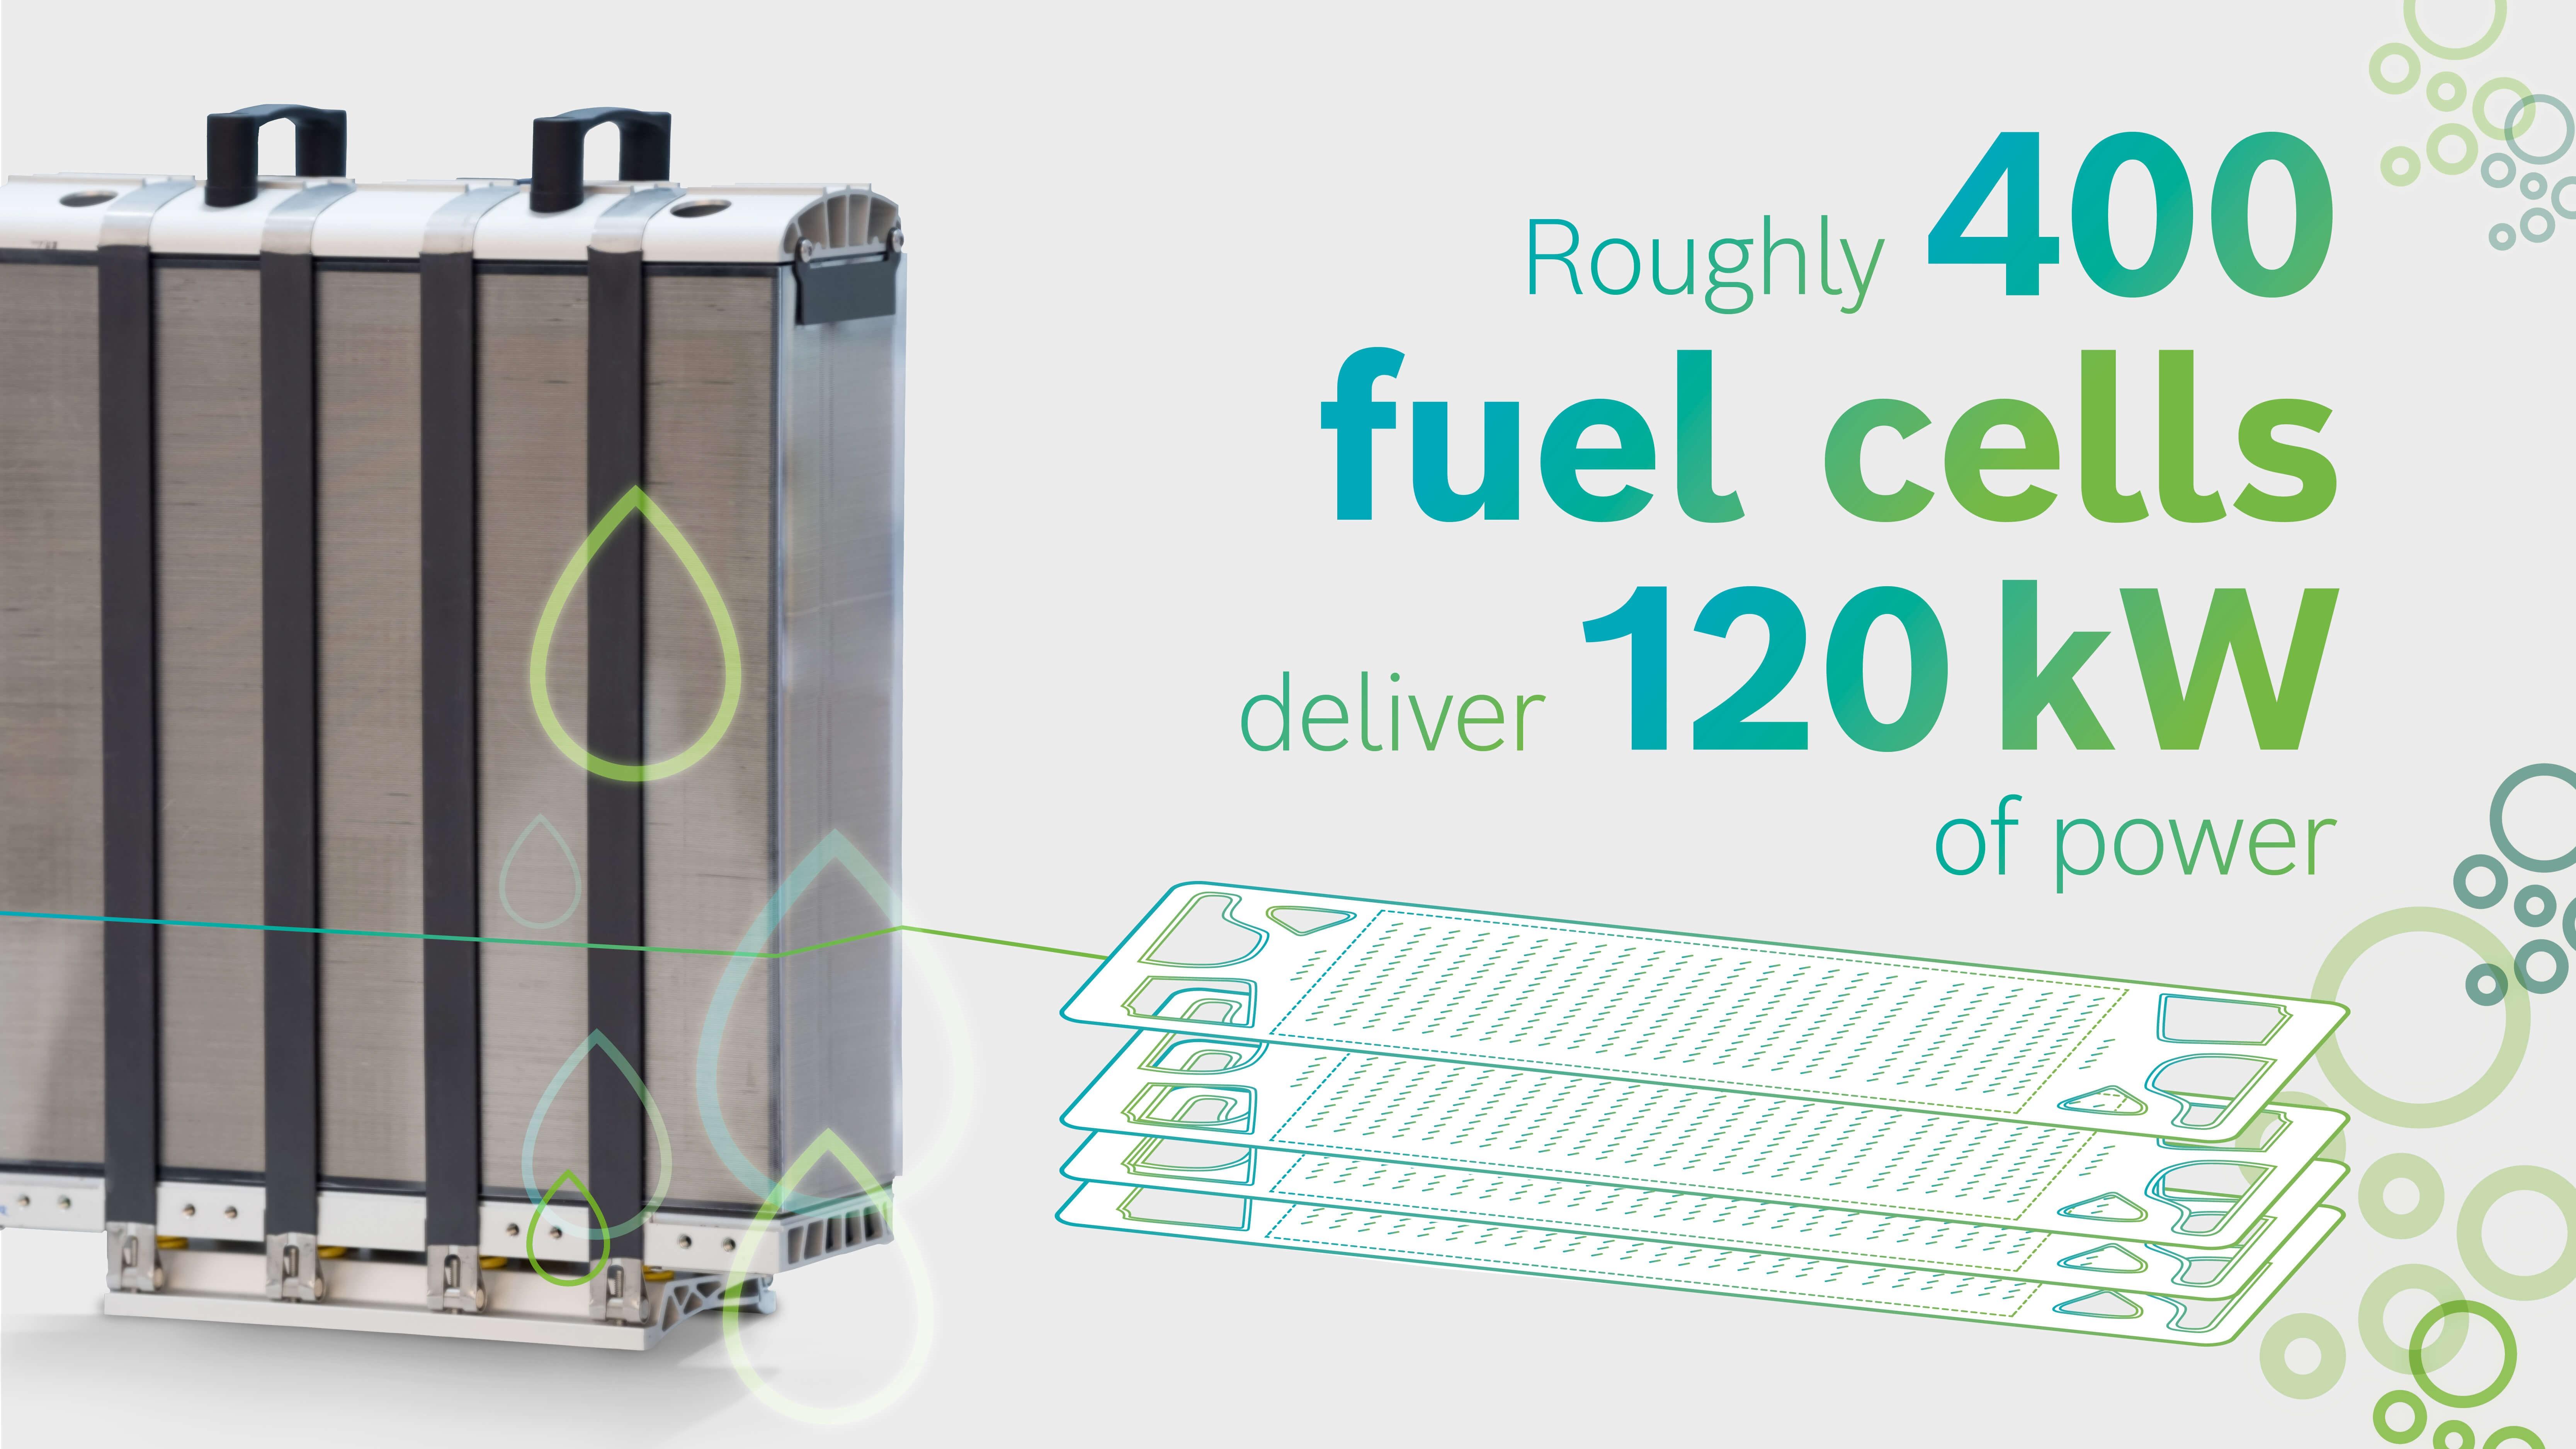 Bosch plant de marktintroductie van de brandstofcelstapel voor 2022.